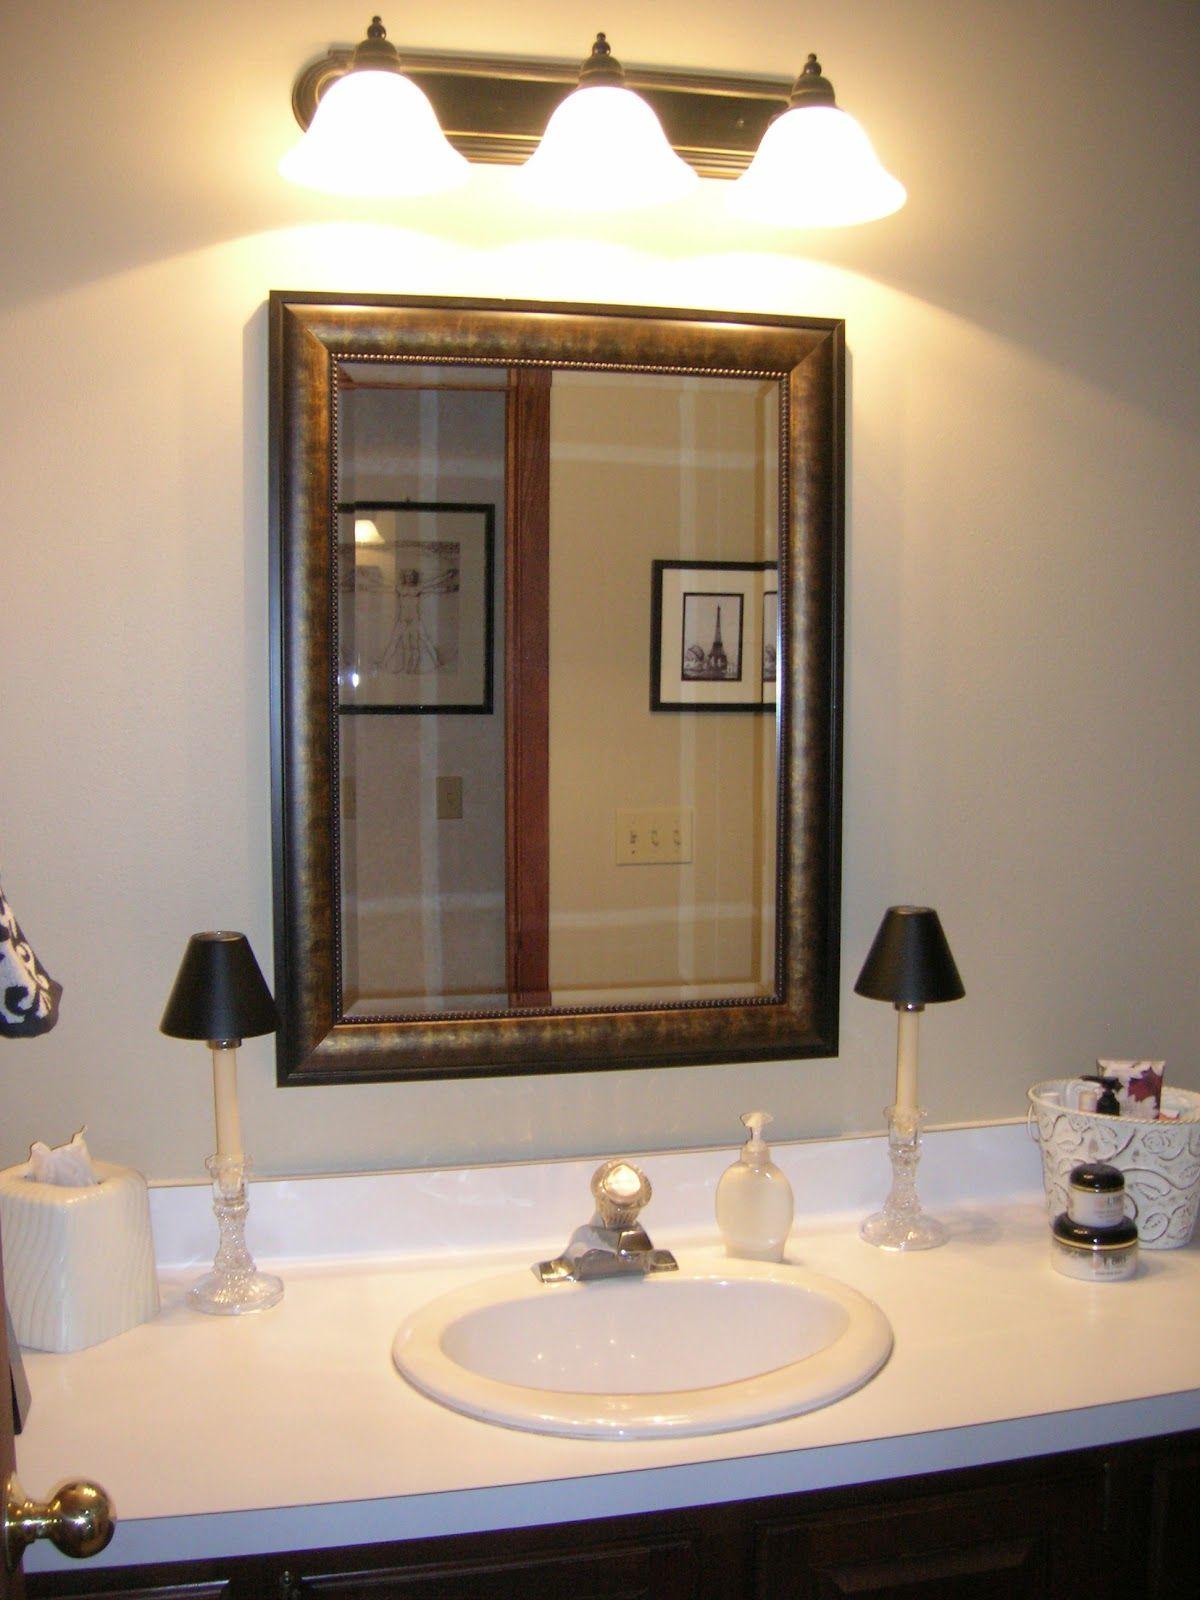 Innen Zauberstab Leuchten Schlafzimmer Wandleuchten Moderne Wandleuchten Leuchten Hang Badezimmerspiegel Beleuchtung Rustikale Bad Eitelkeiten Badezimmer Licht